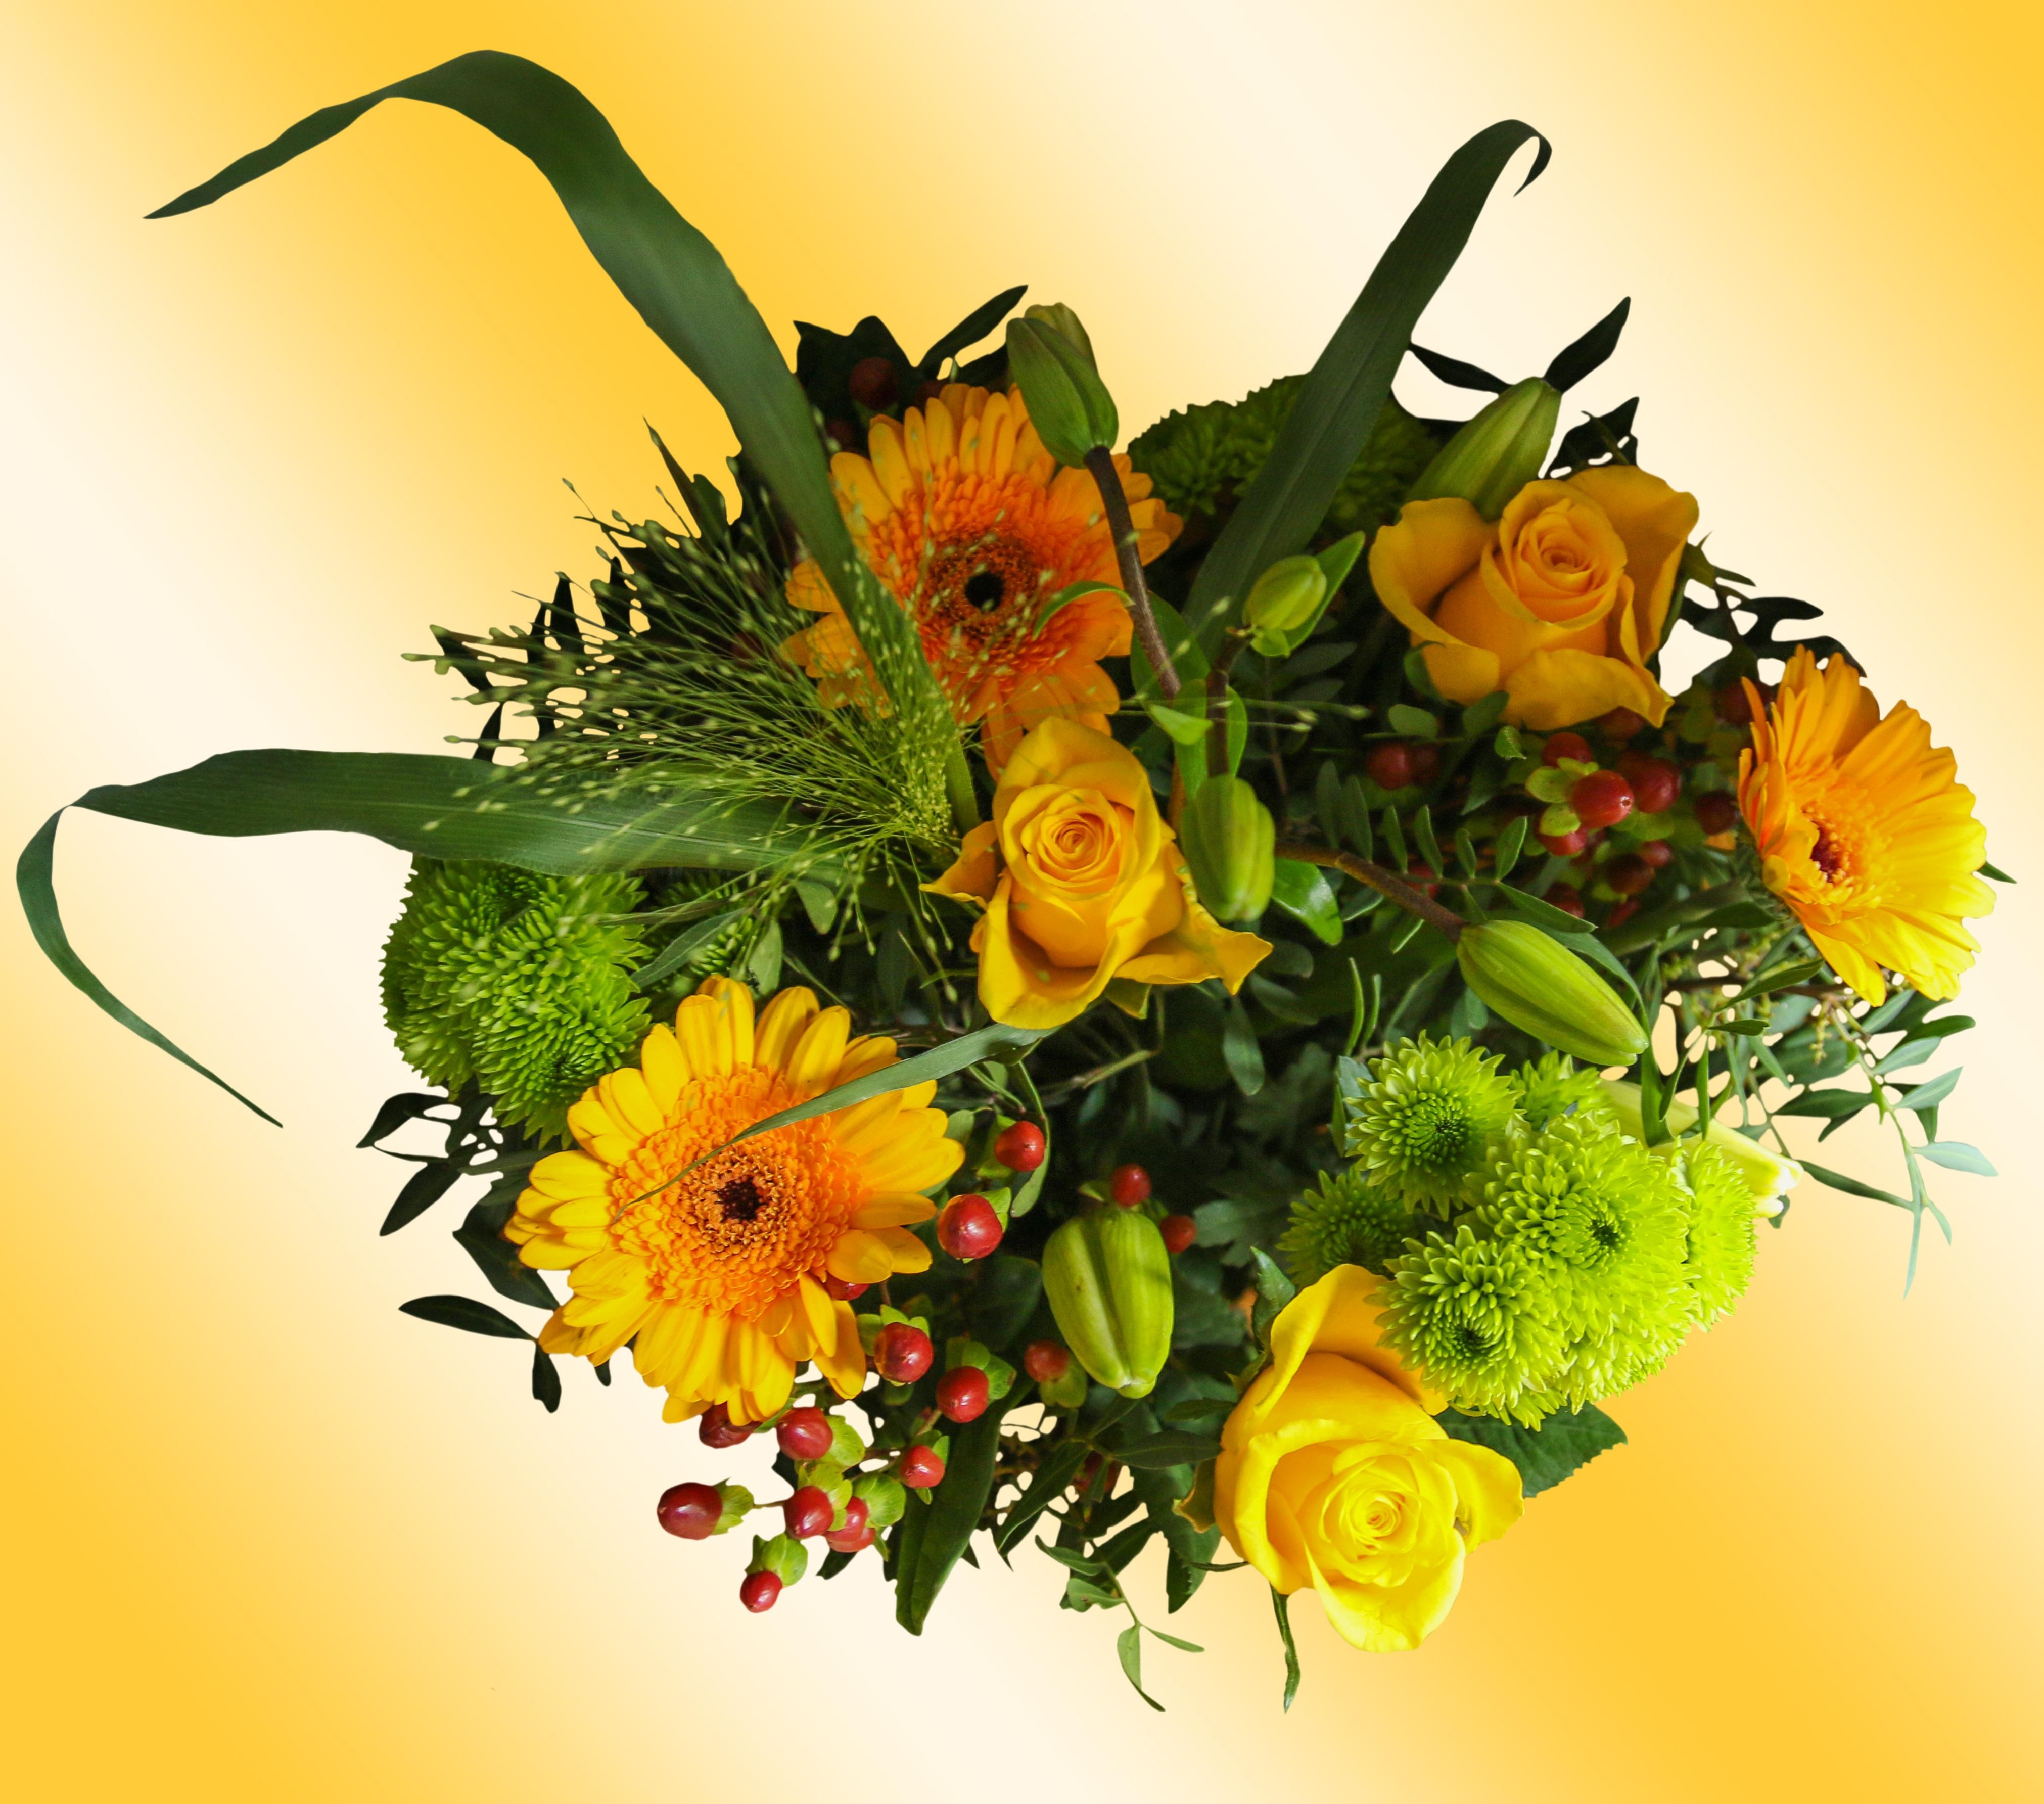 images gratuites : fleur, bleu, jaune, fermer, flore, ouvrages d